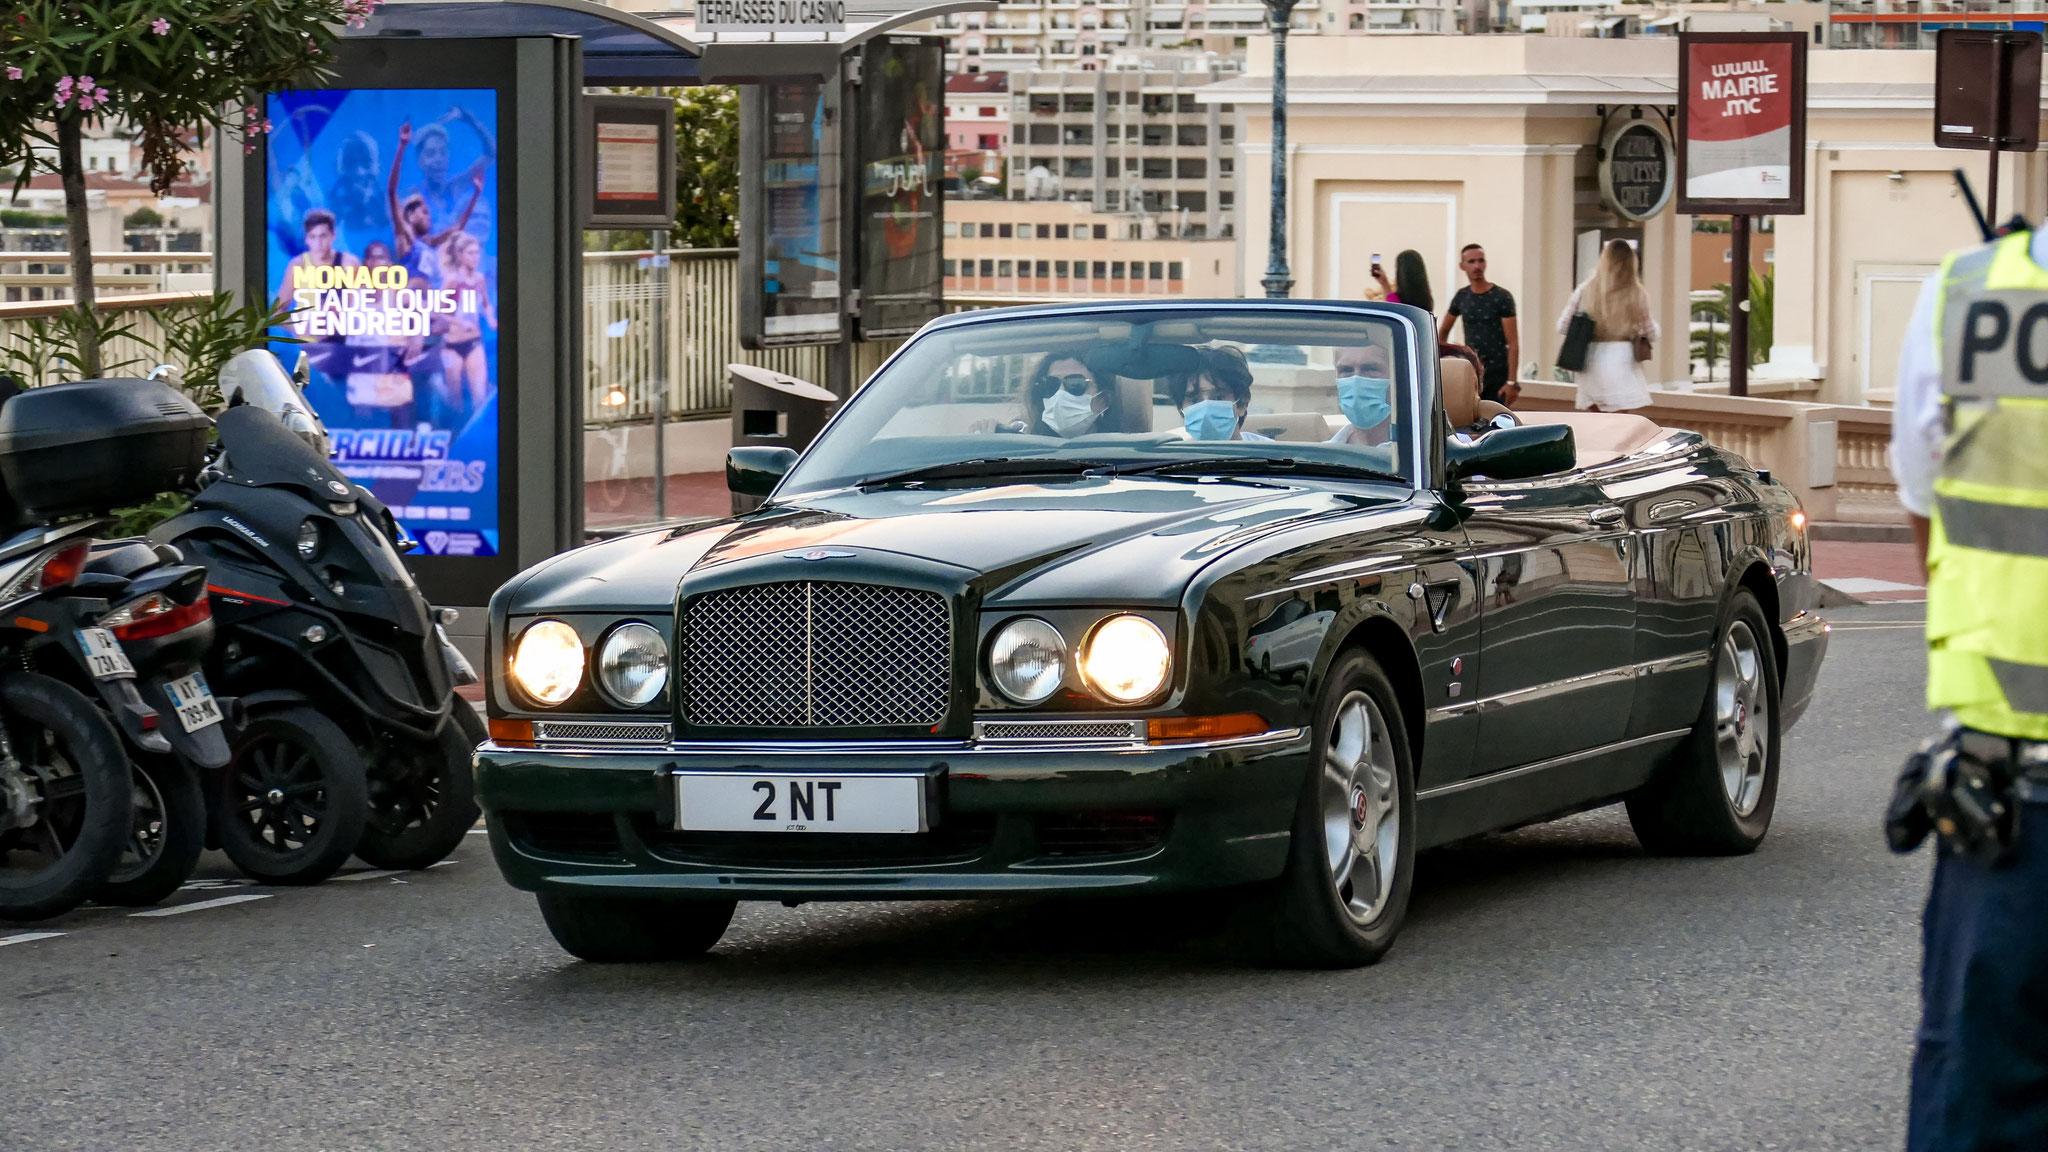 Bentley Azure - 2NT (GB)